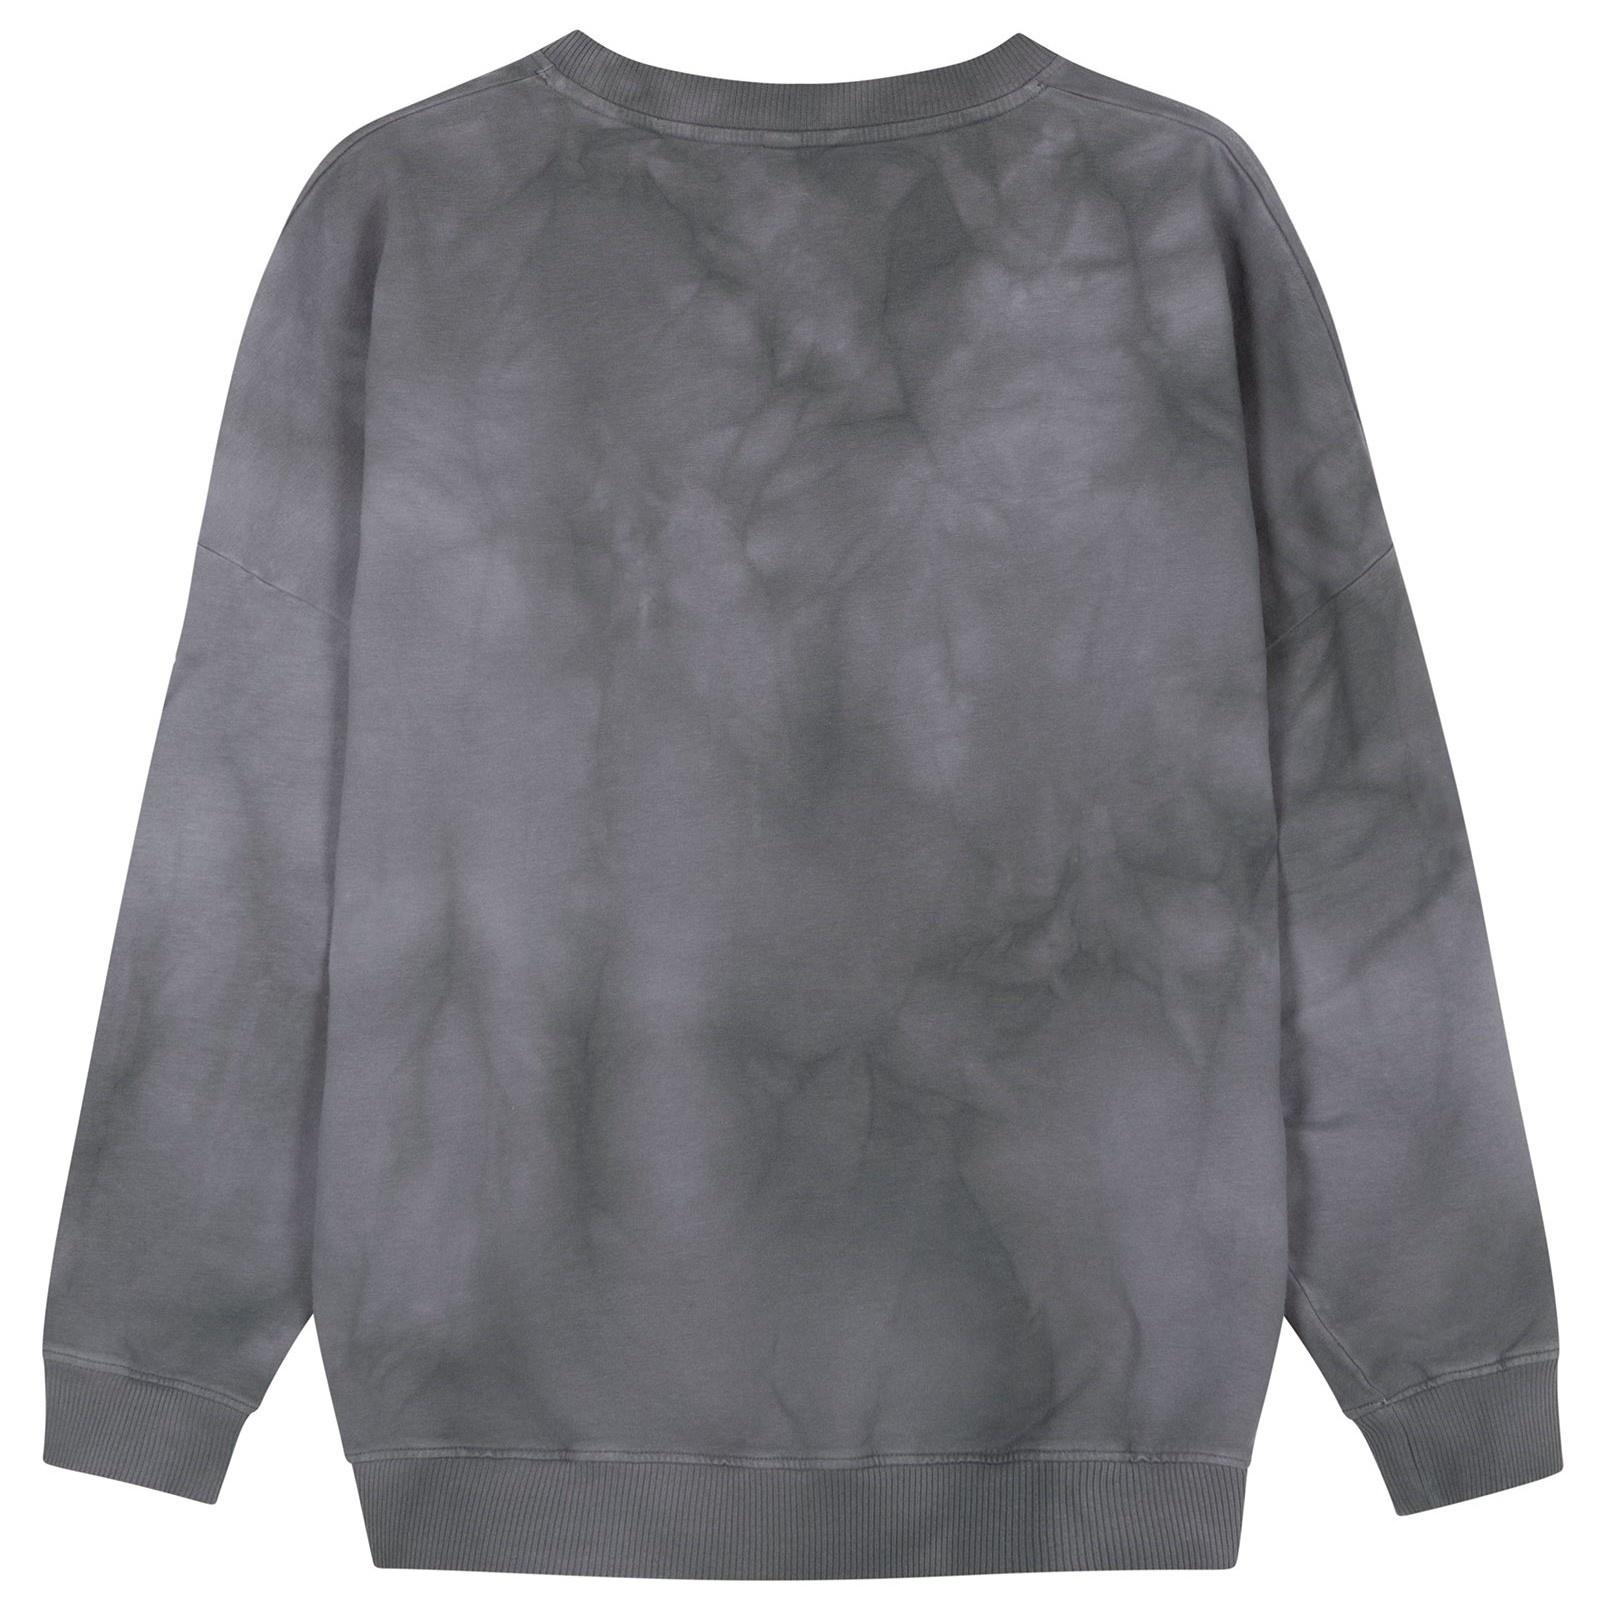 Trui oversized sweater tie dye grey-4